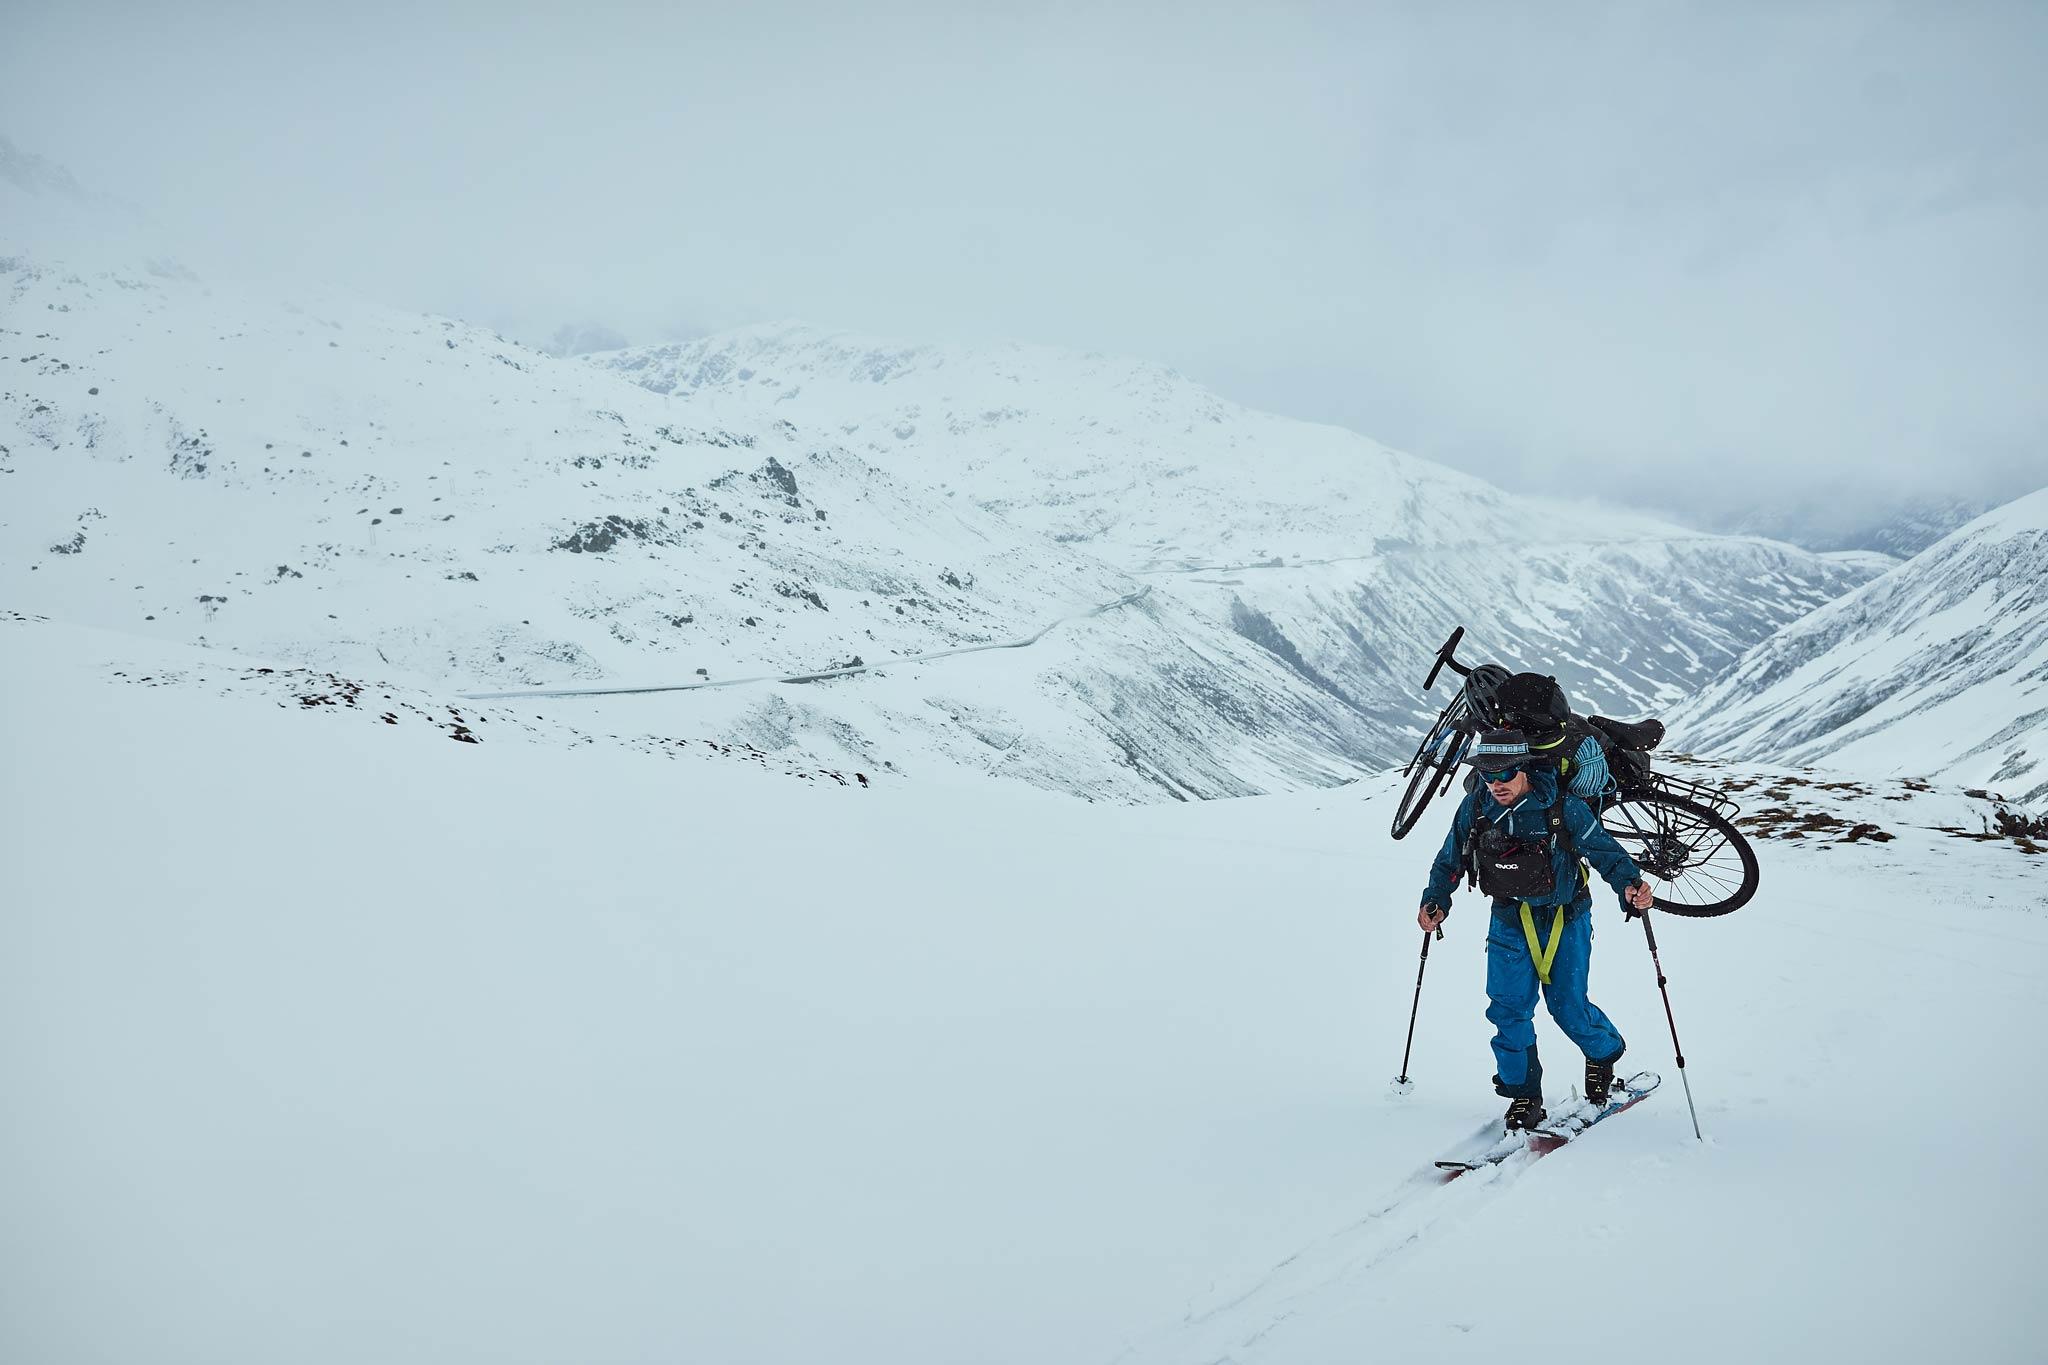 ... auf Ski mit dem Bike auf dem Rücken - Foto: Jochen Mesle